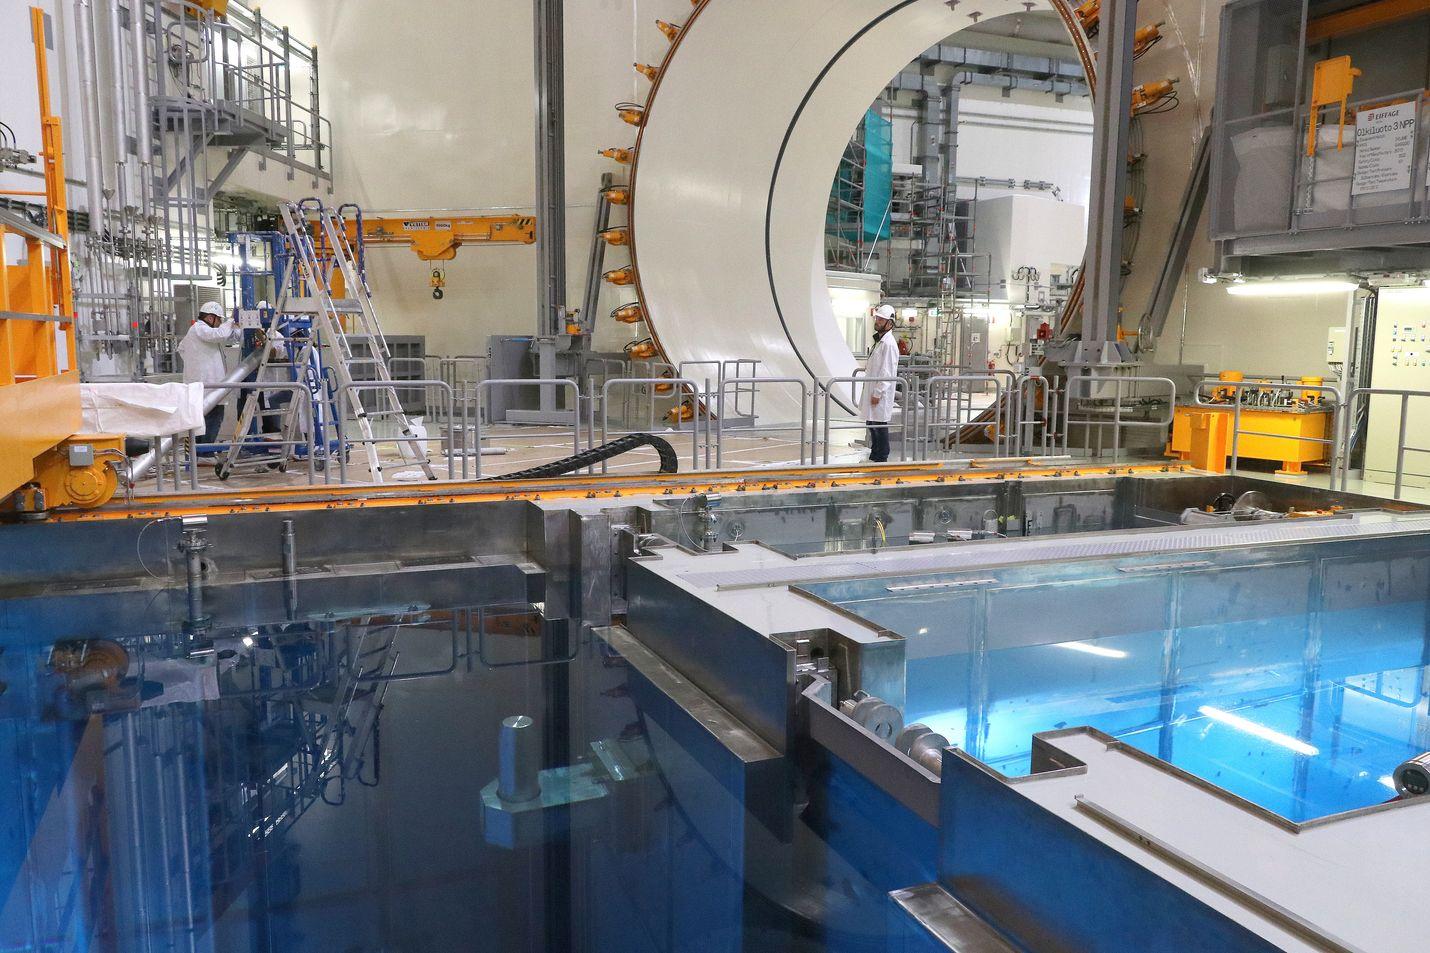 Tähän OL3:n reaktorialtaaseen pitäisi ladata ydinpolttoaine, kun viranomainen myöntää siihen luvan. Vuonna 2005 aloitetusta rakennushankkeesta tulisi samalla ydinlaitos. Kuva viime heinäkuulta.